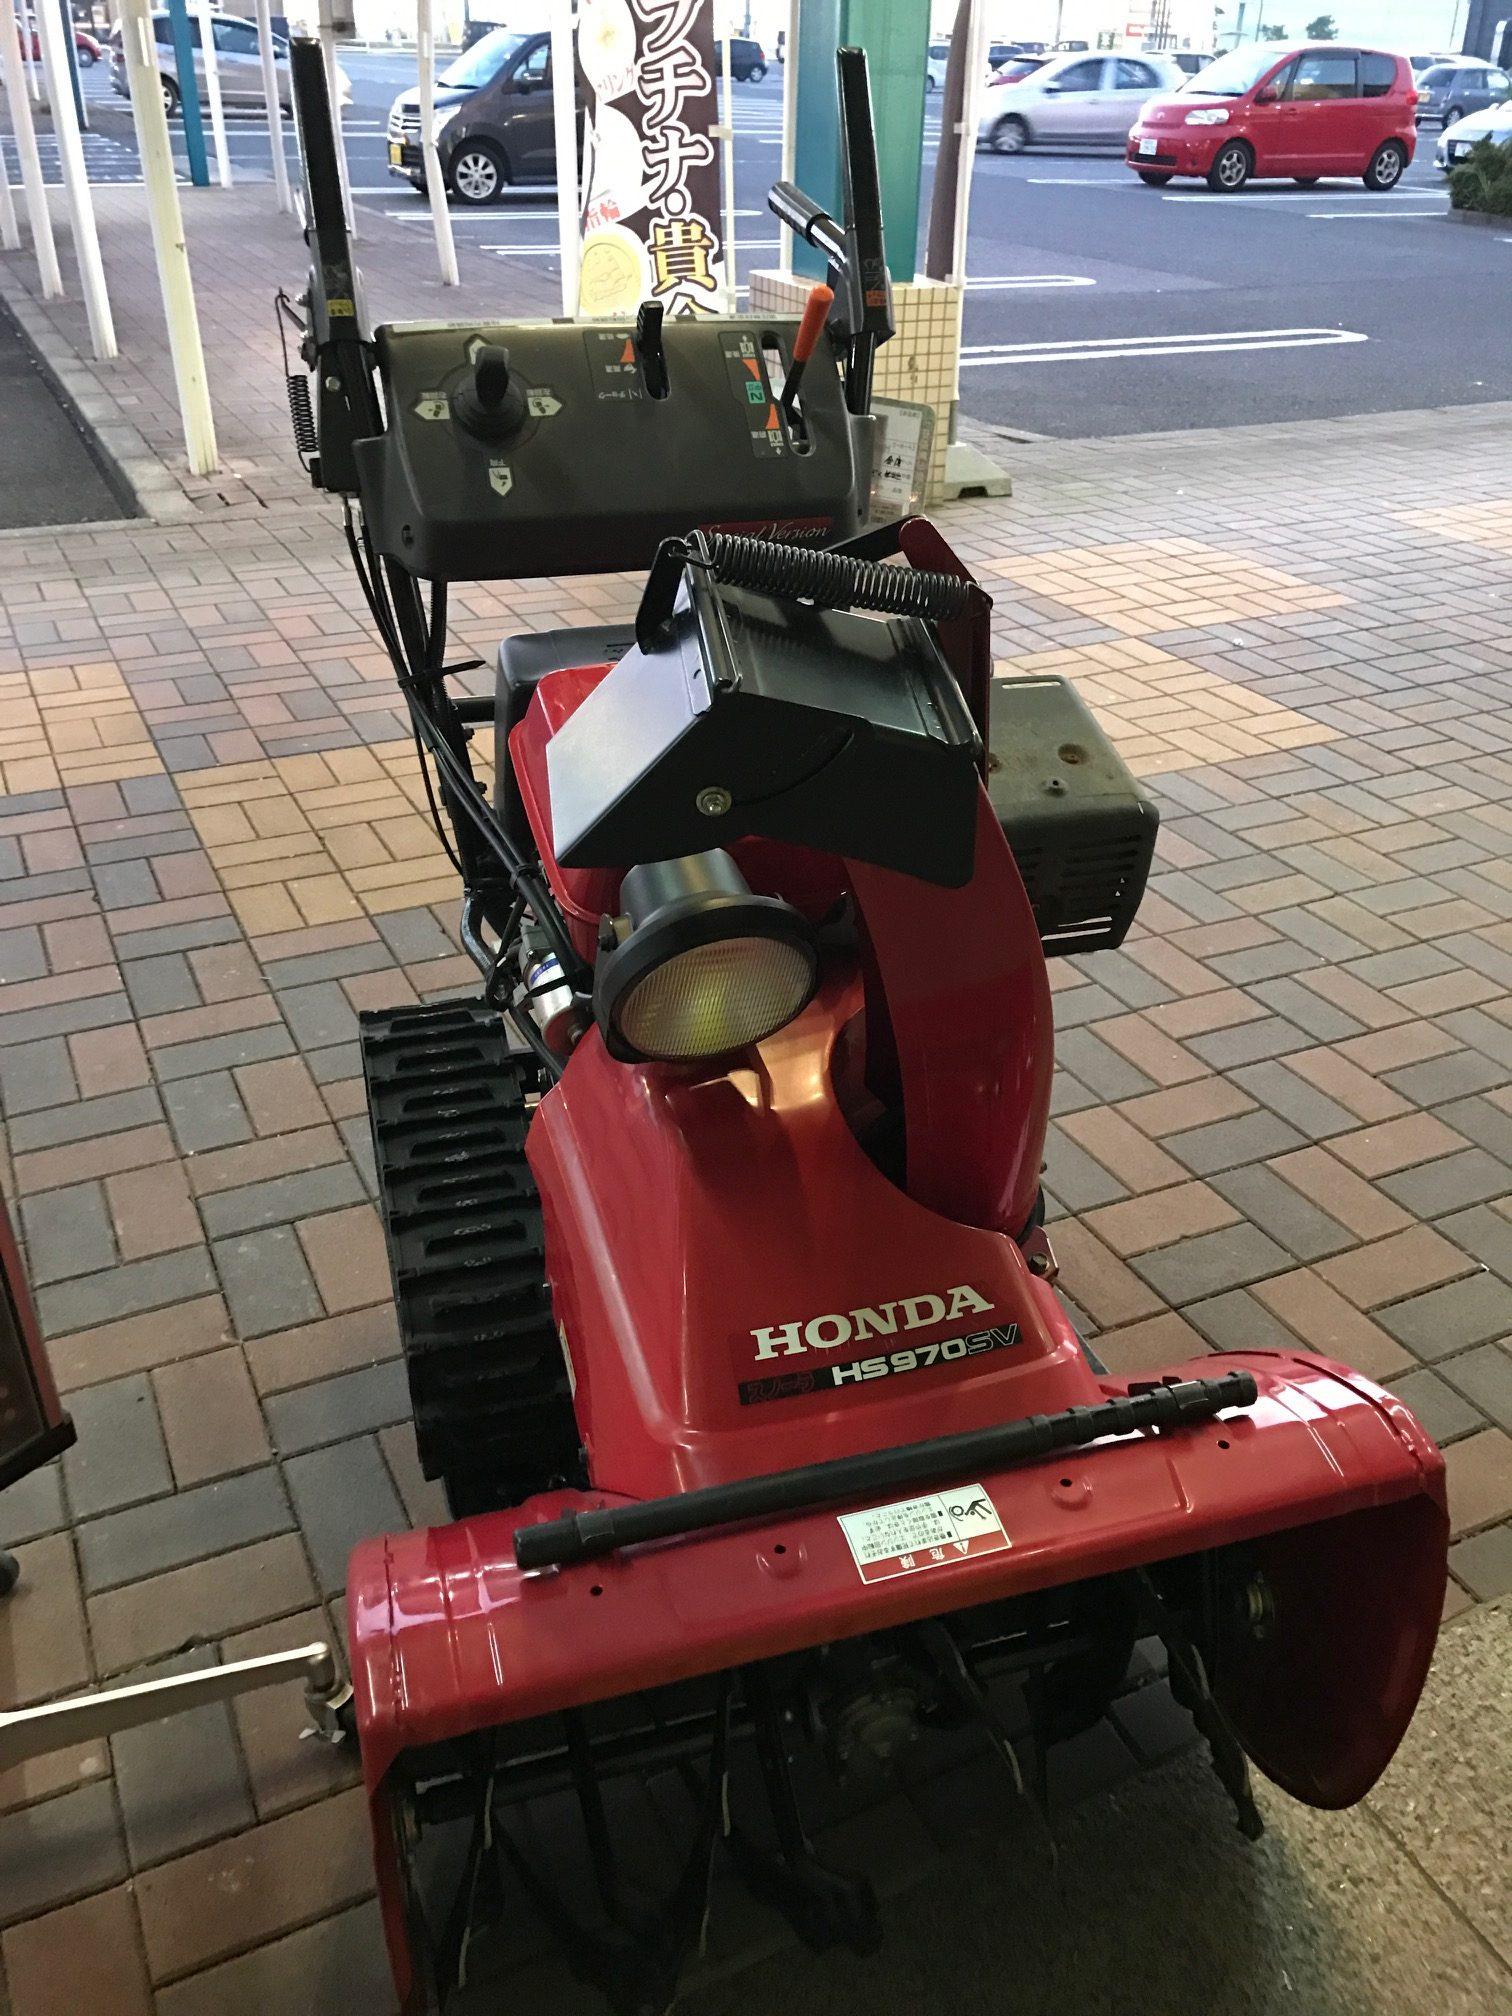 真夏の除雪機 HONDA スノーラ HS970SV☆サンステッププラスワッセ店 買取 買い取り 福井市